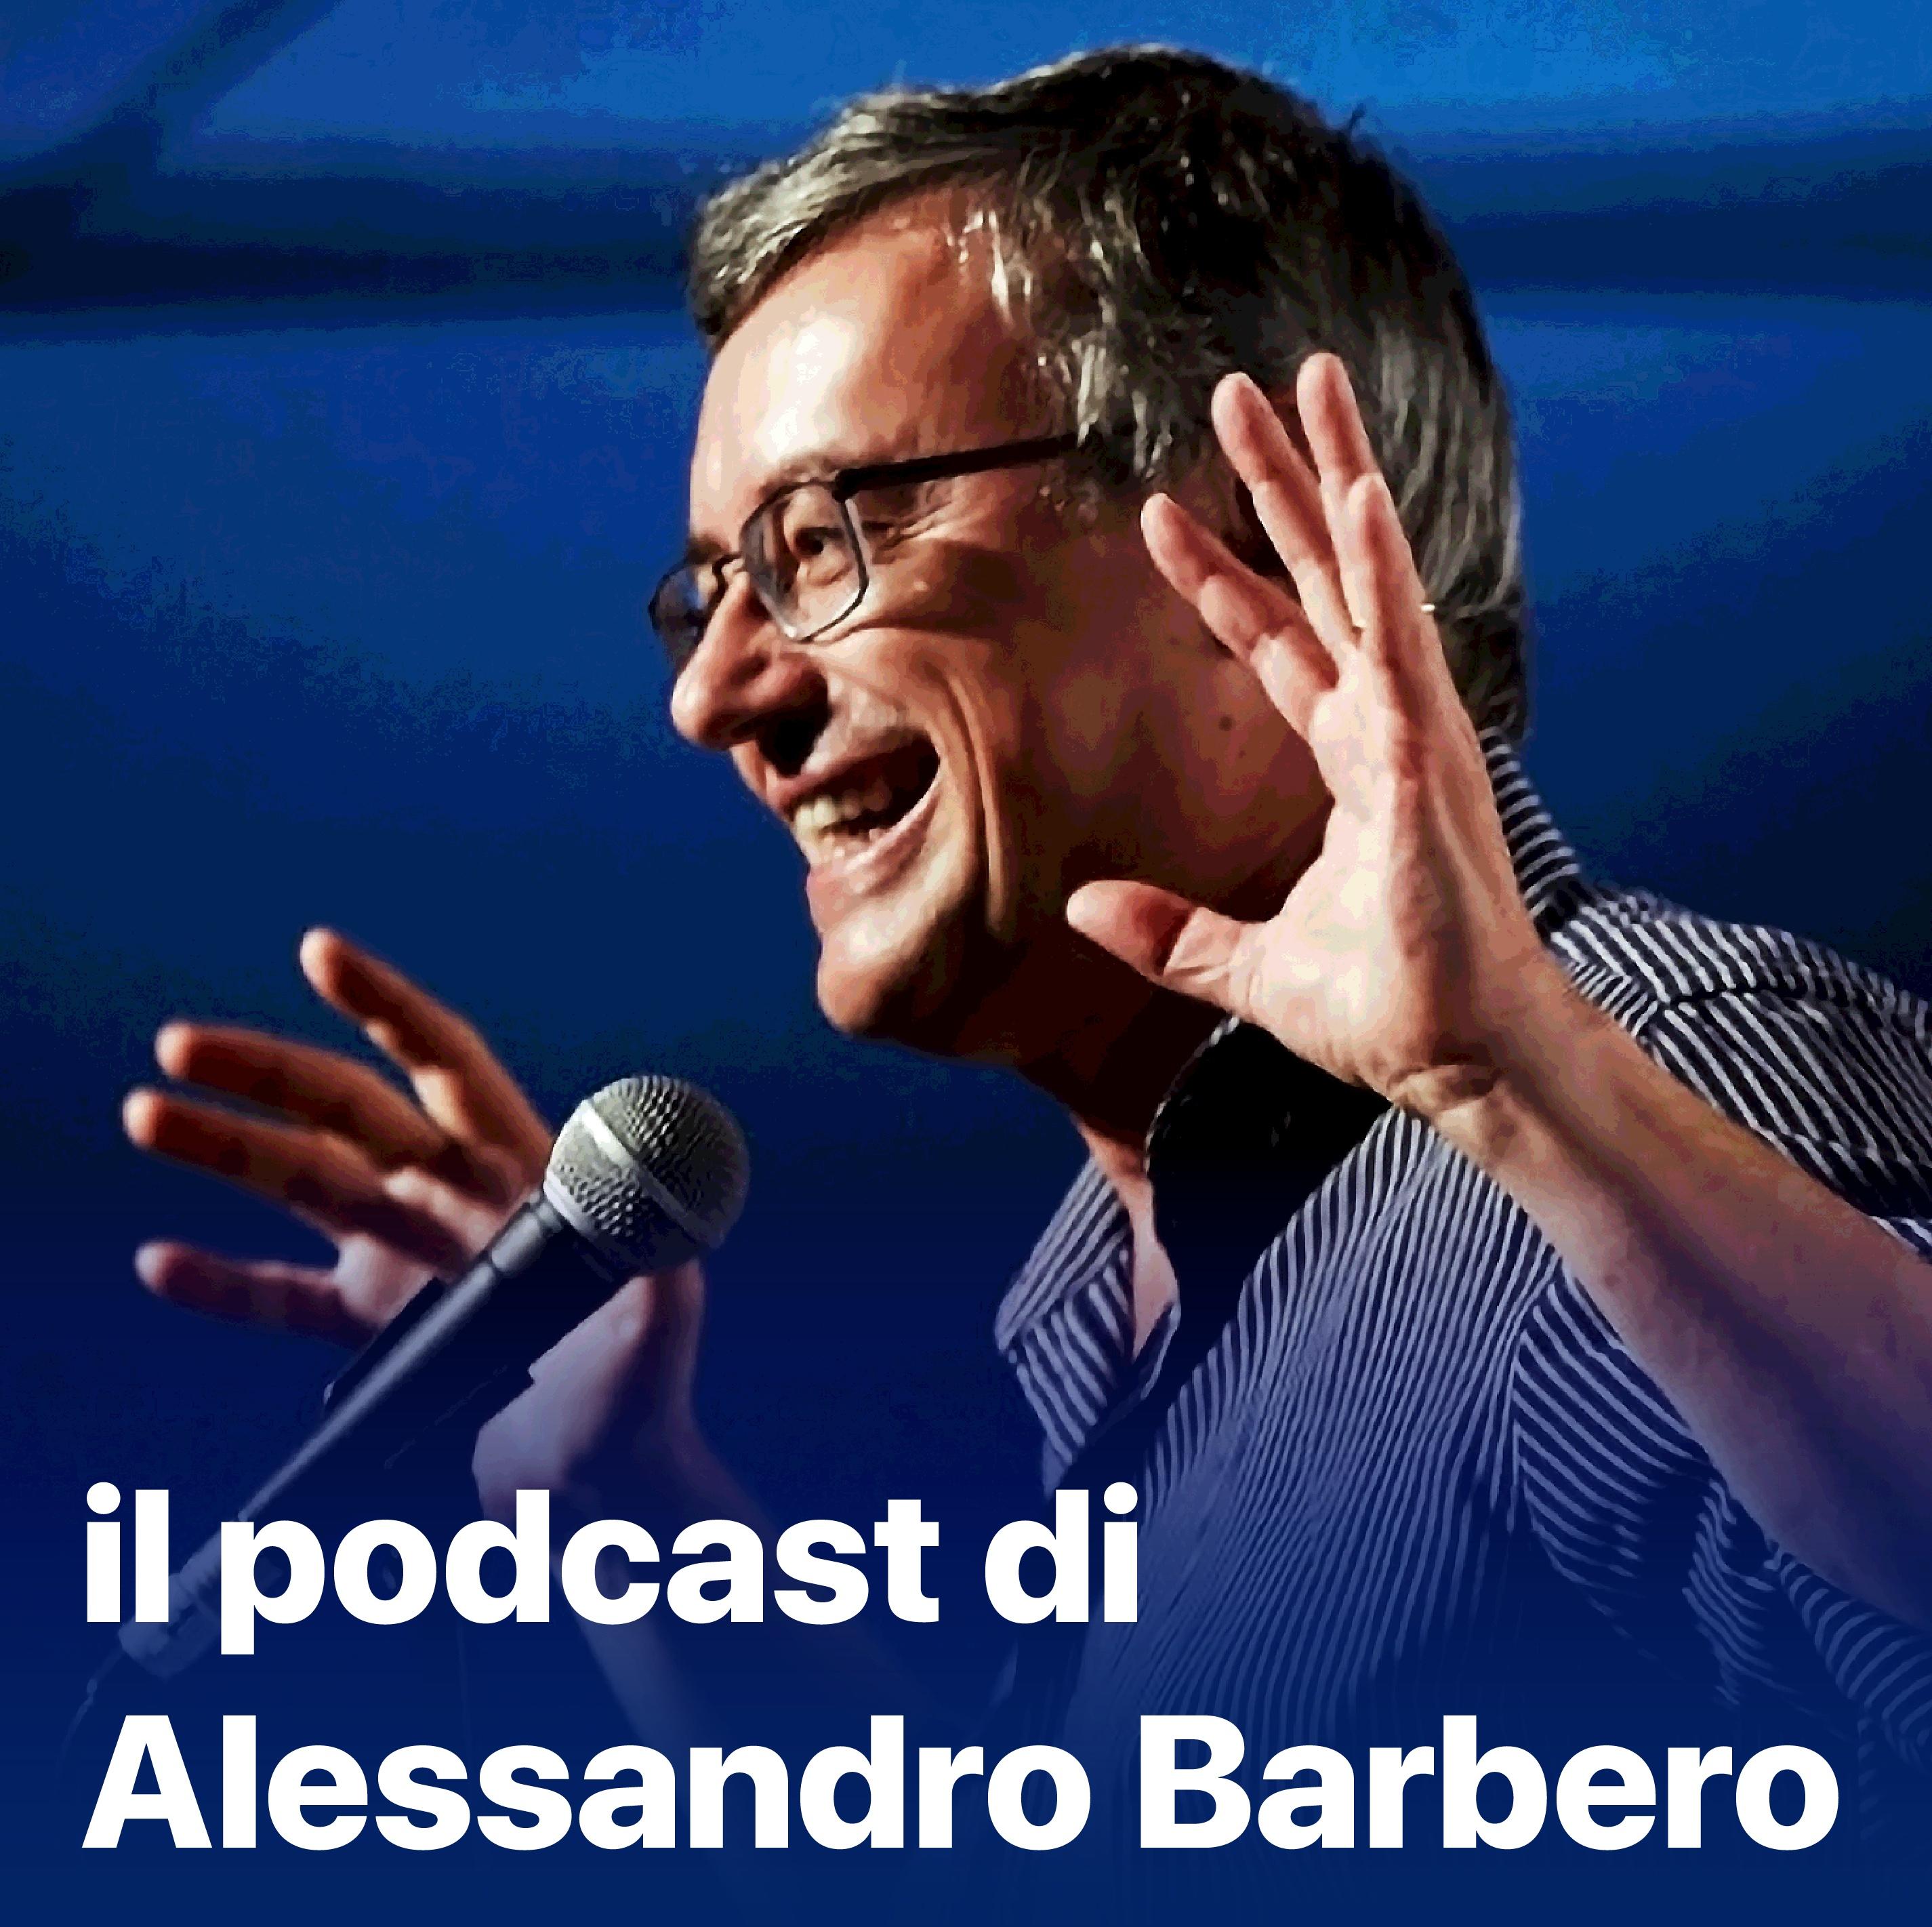 Il podcast di Alessandro Barbero: Lezioni e Conferenze di Storia